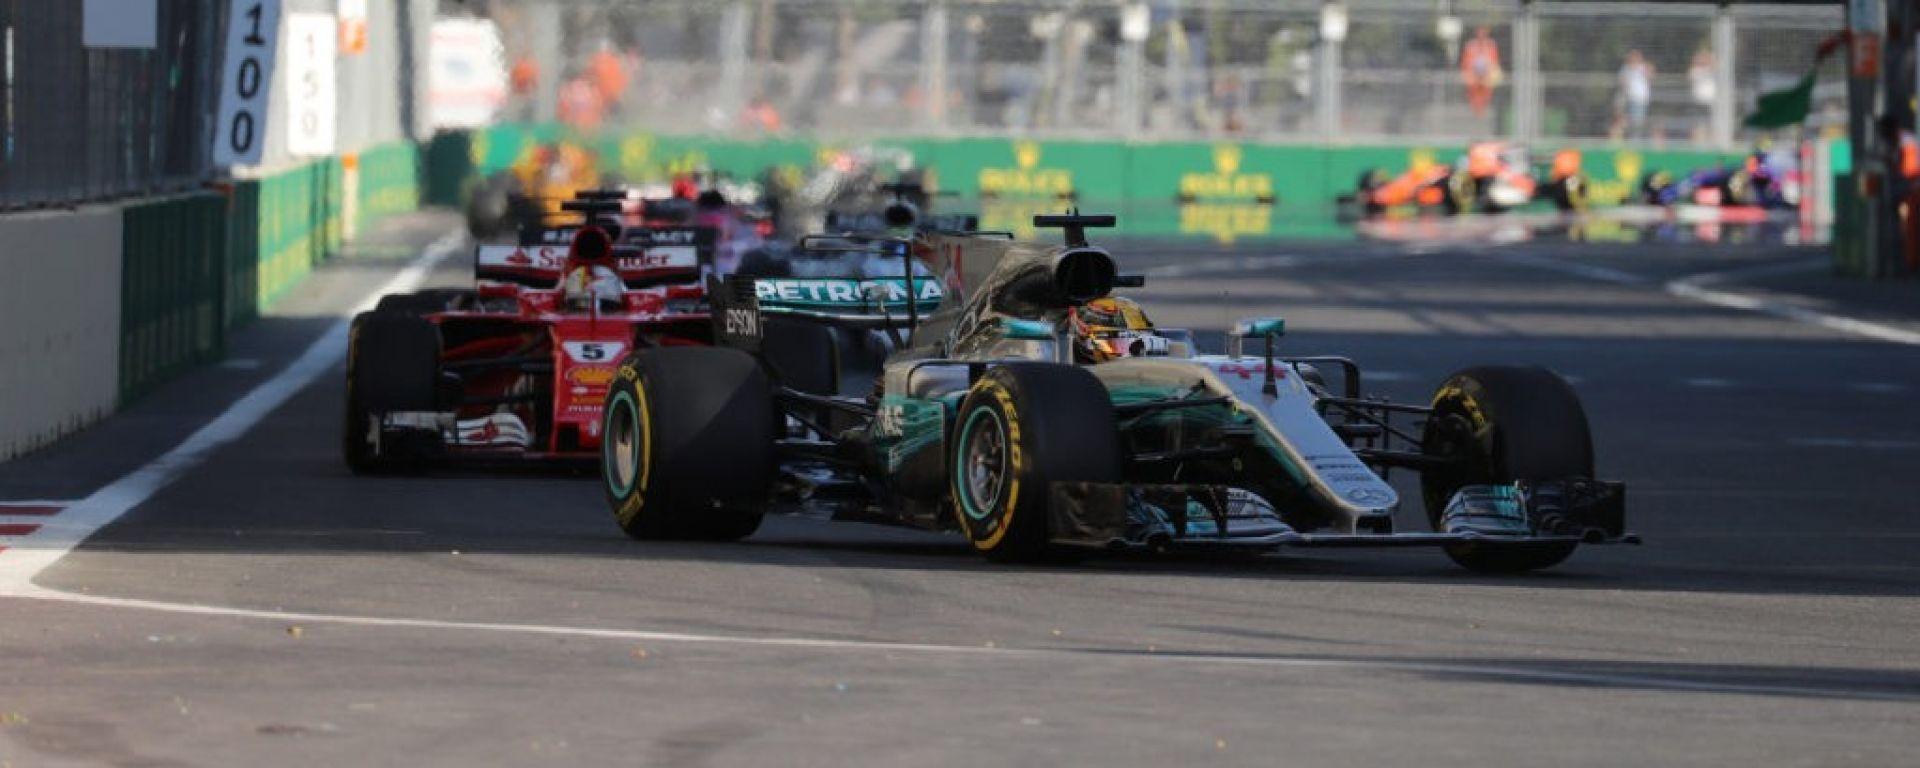 F1 GP Azerbaijan, l'edizione 2017